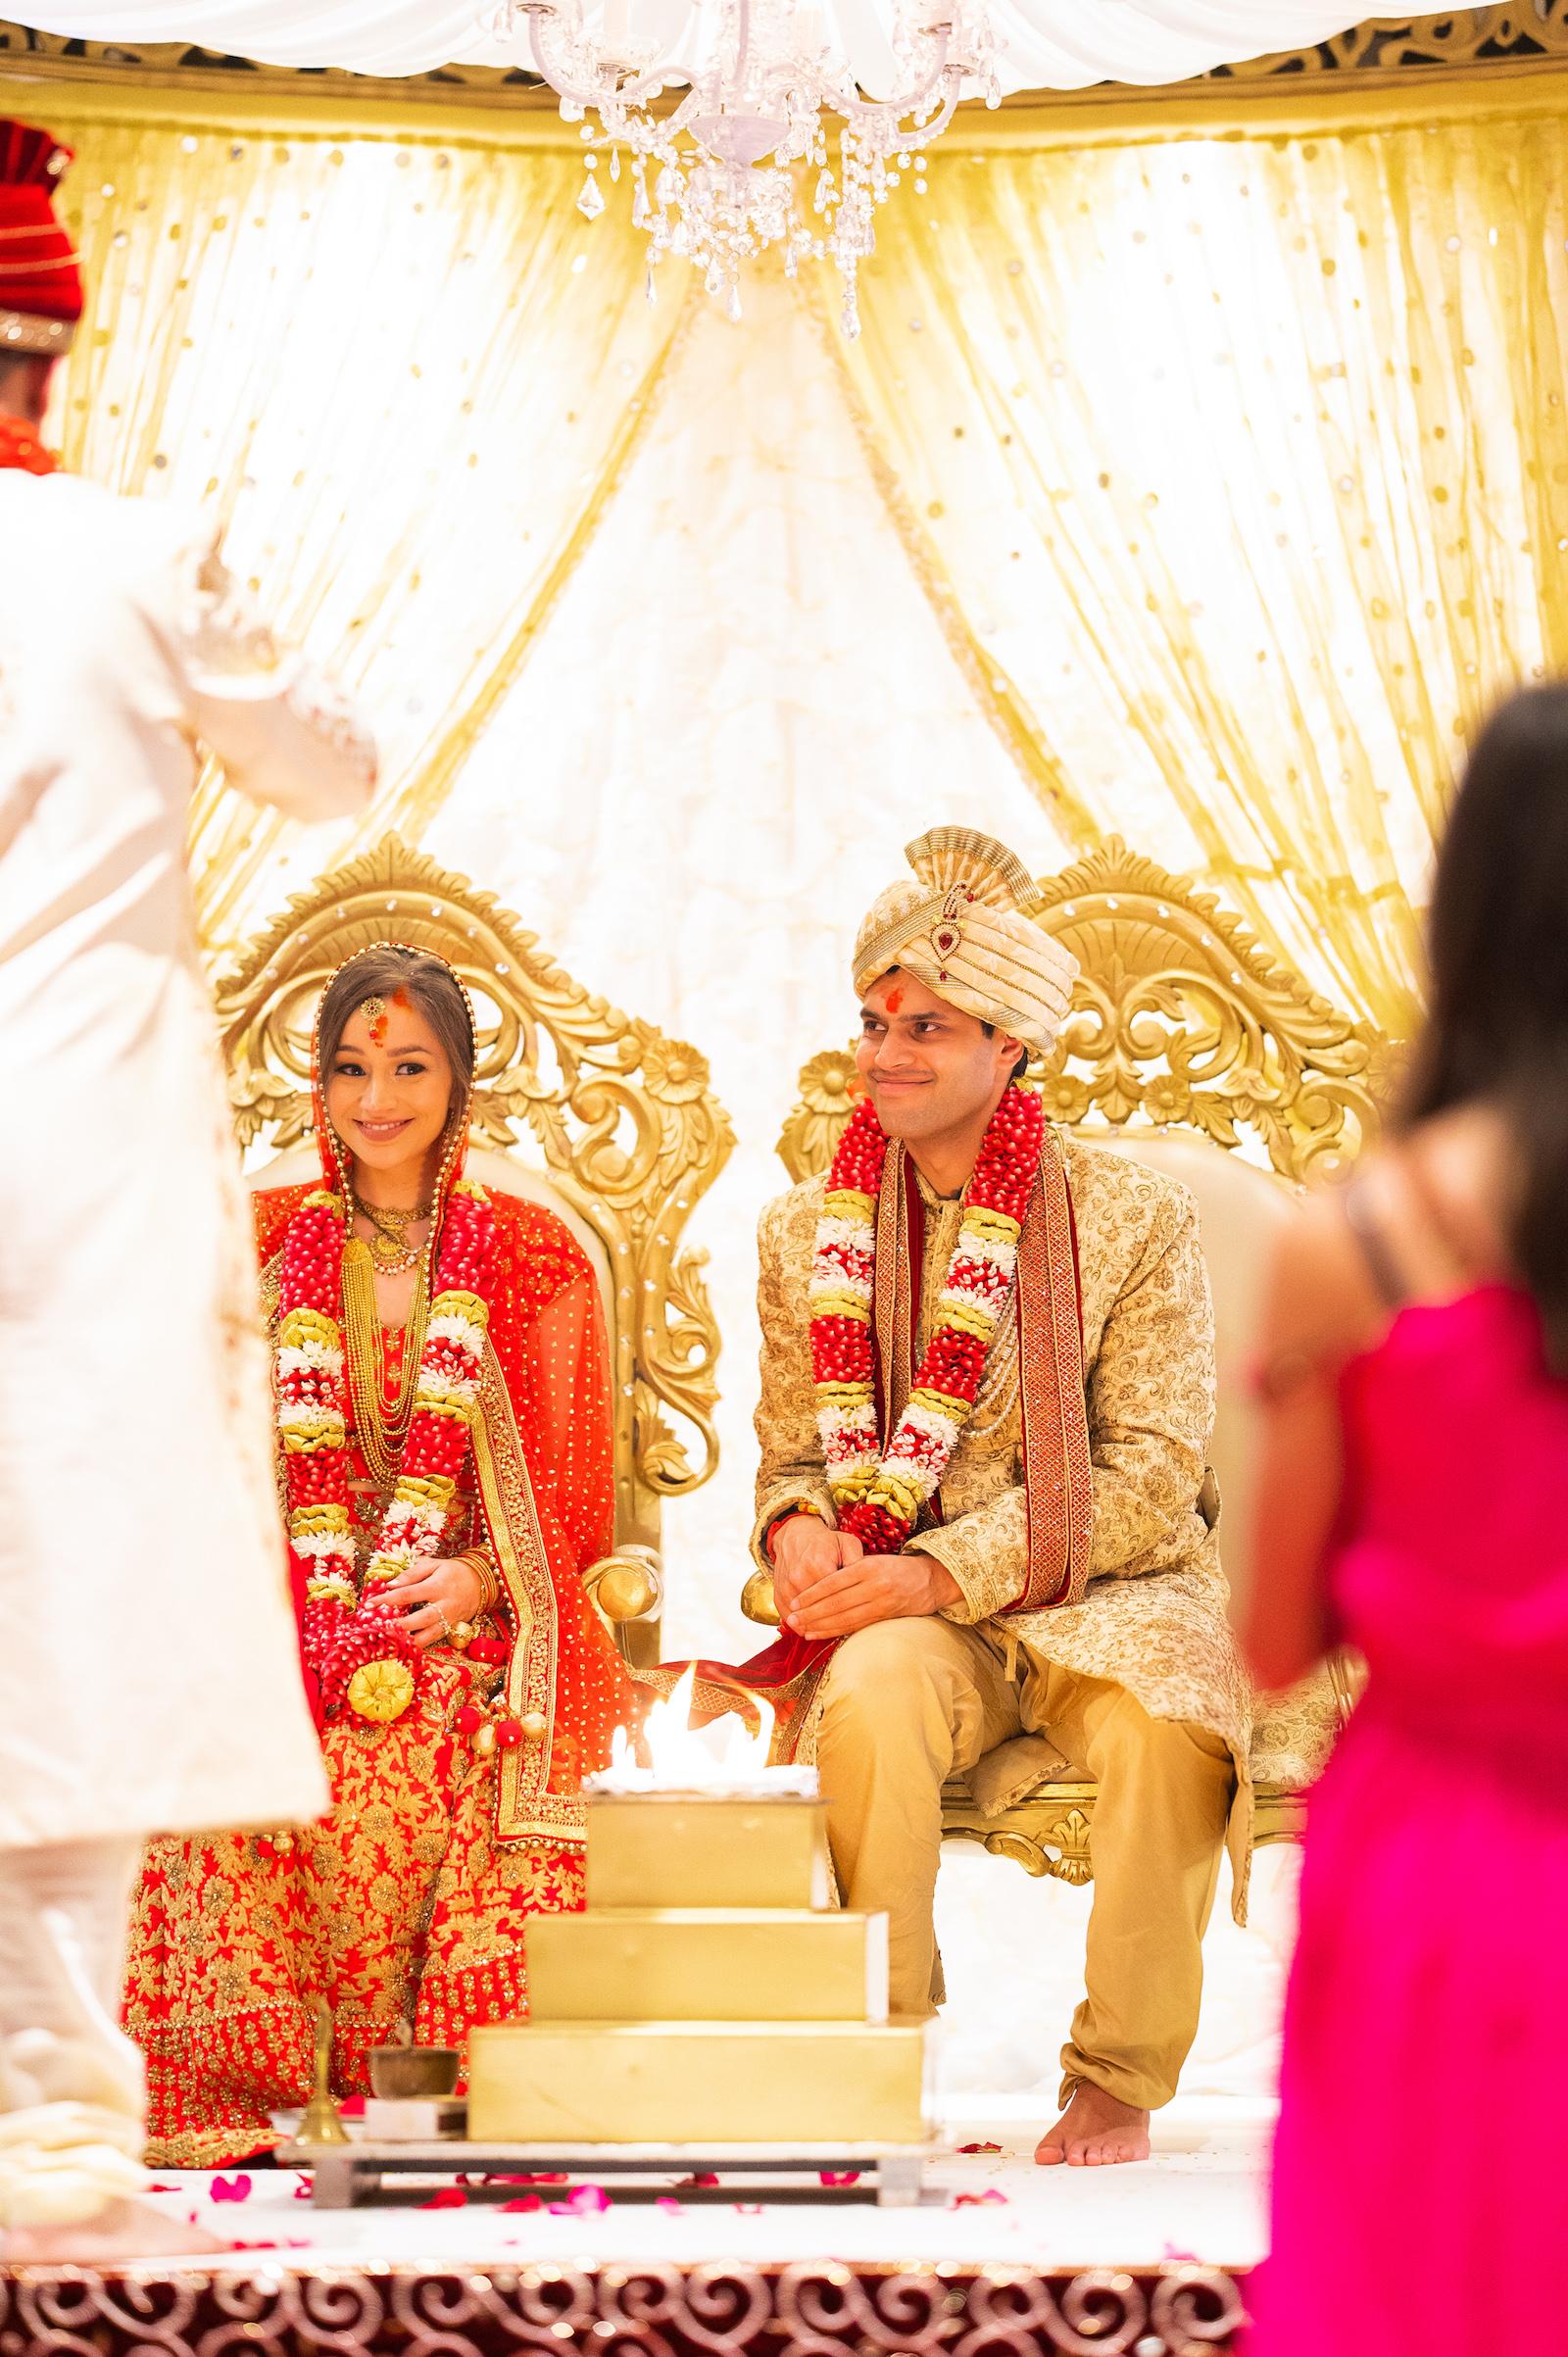 Charming Indian Wedding captured by Details Nashville, featured on Nashville Bride Guide